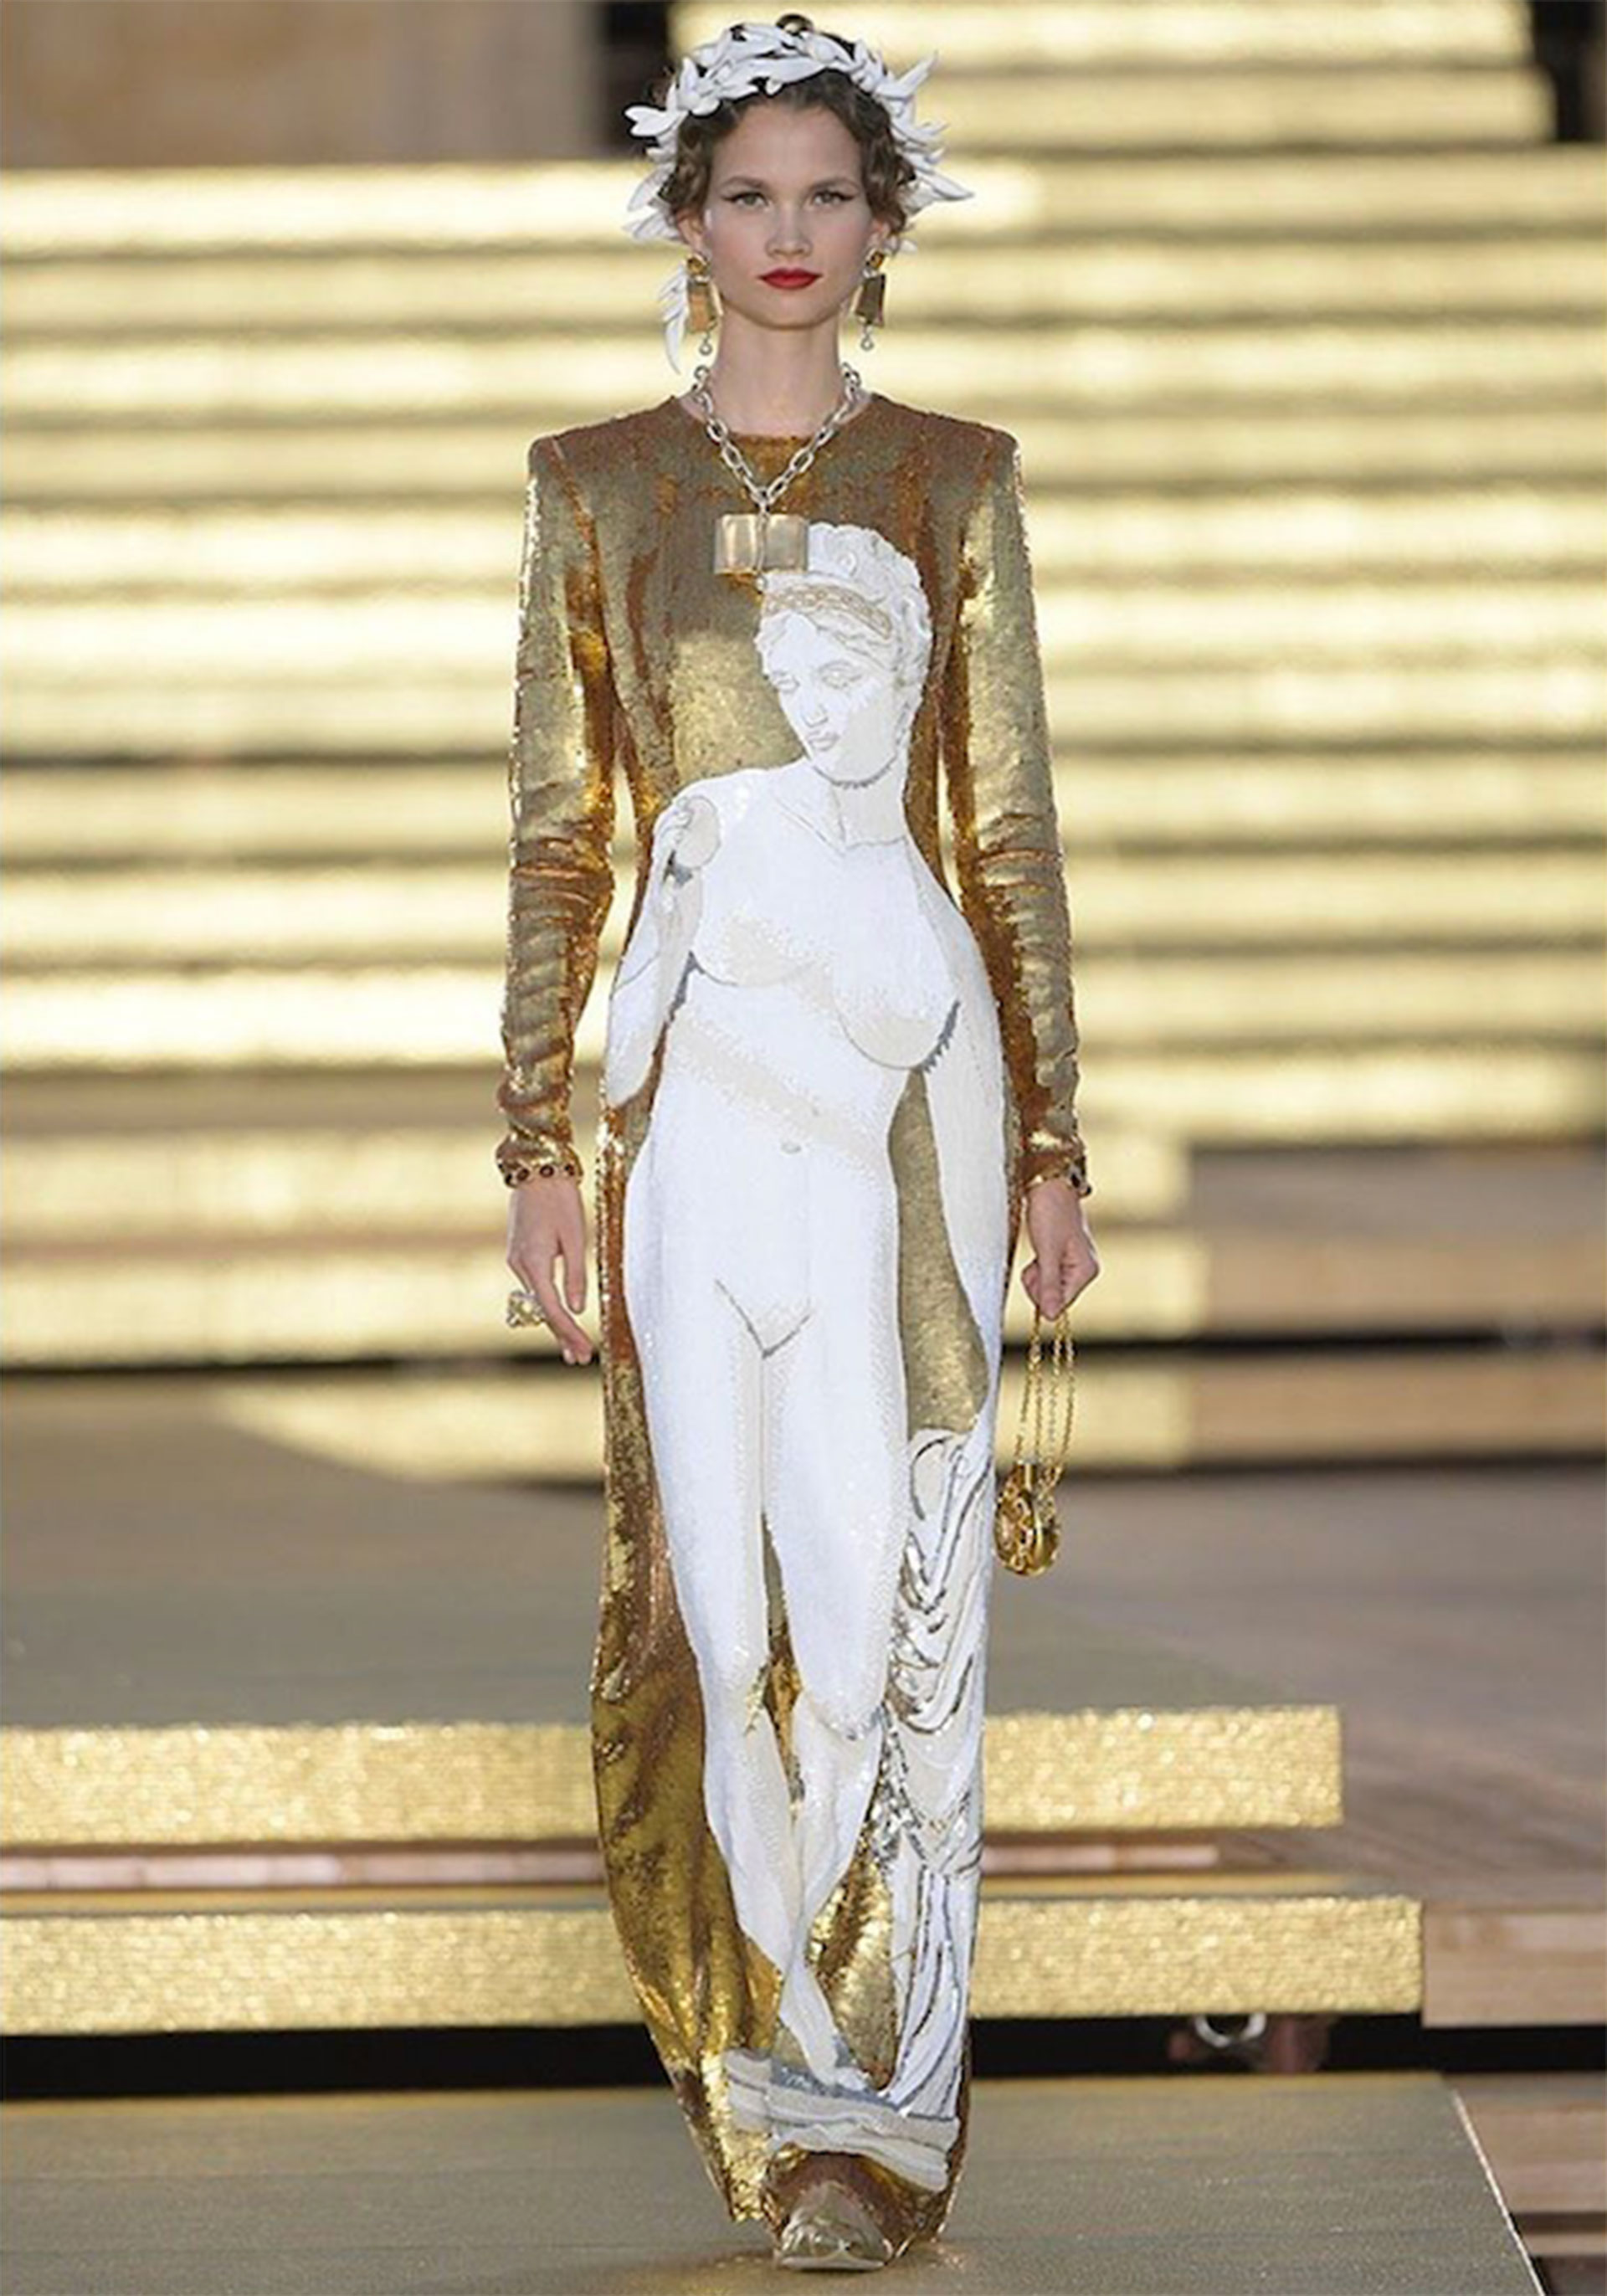 Vestido georgette totalmente bordado con lentejuelas.